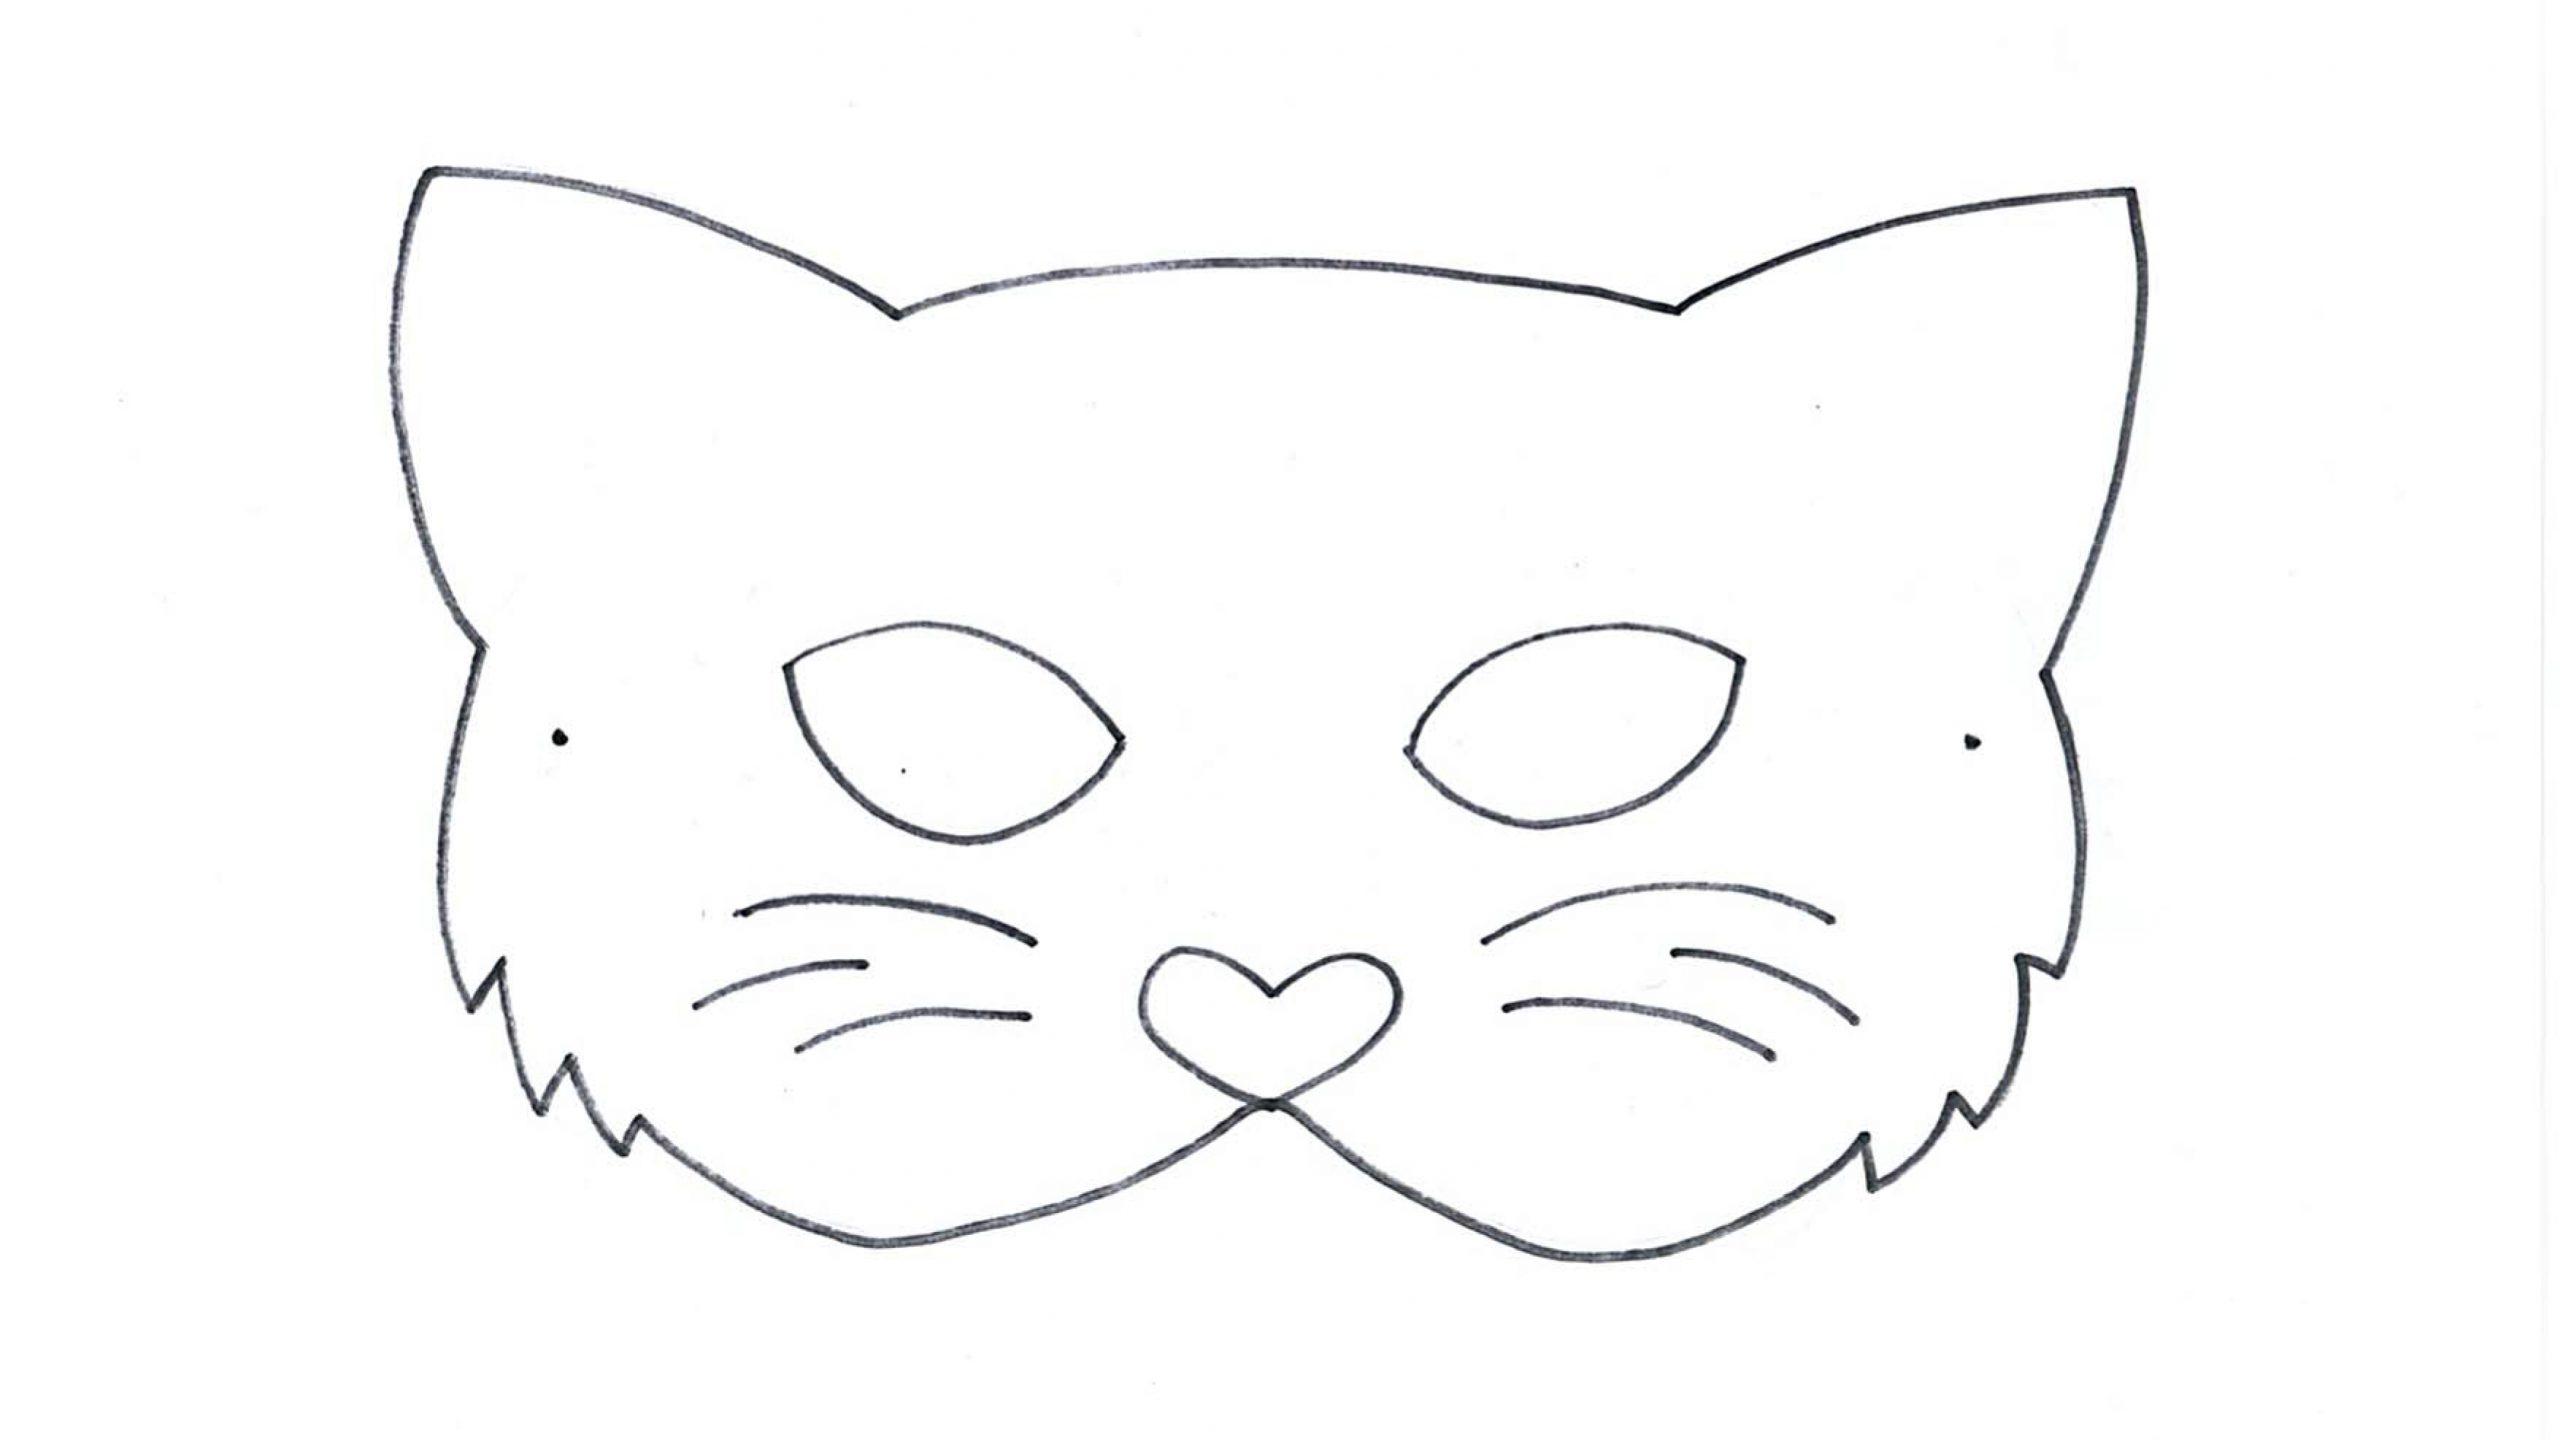 Tiermasken Basteln | Famigros für Tiermasken Basteln Vorlagen Ausdrucken